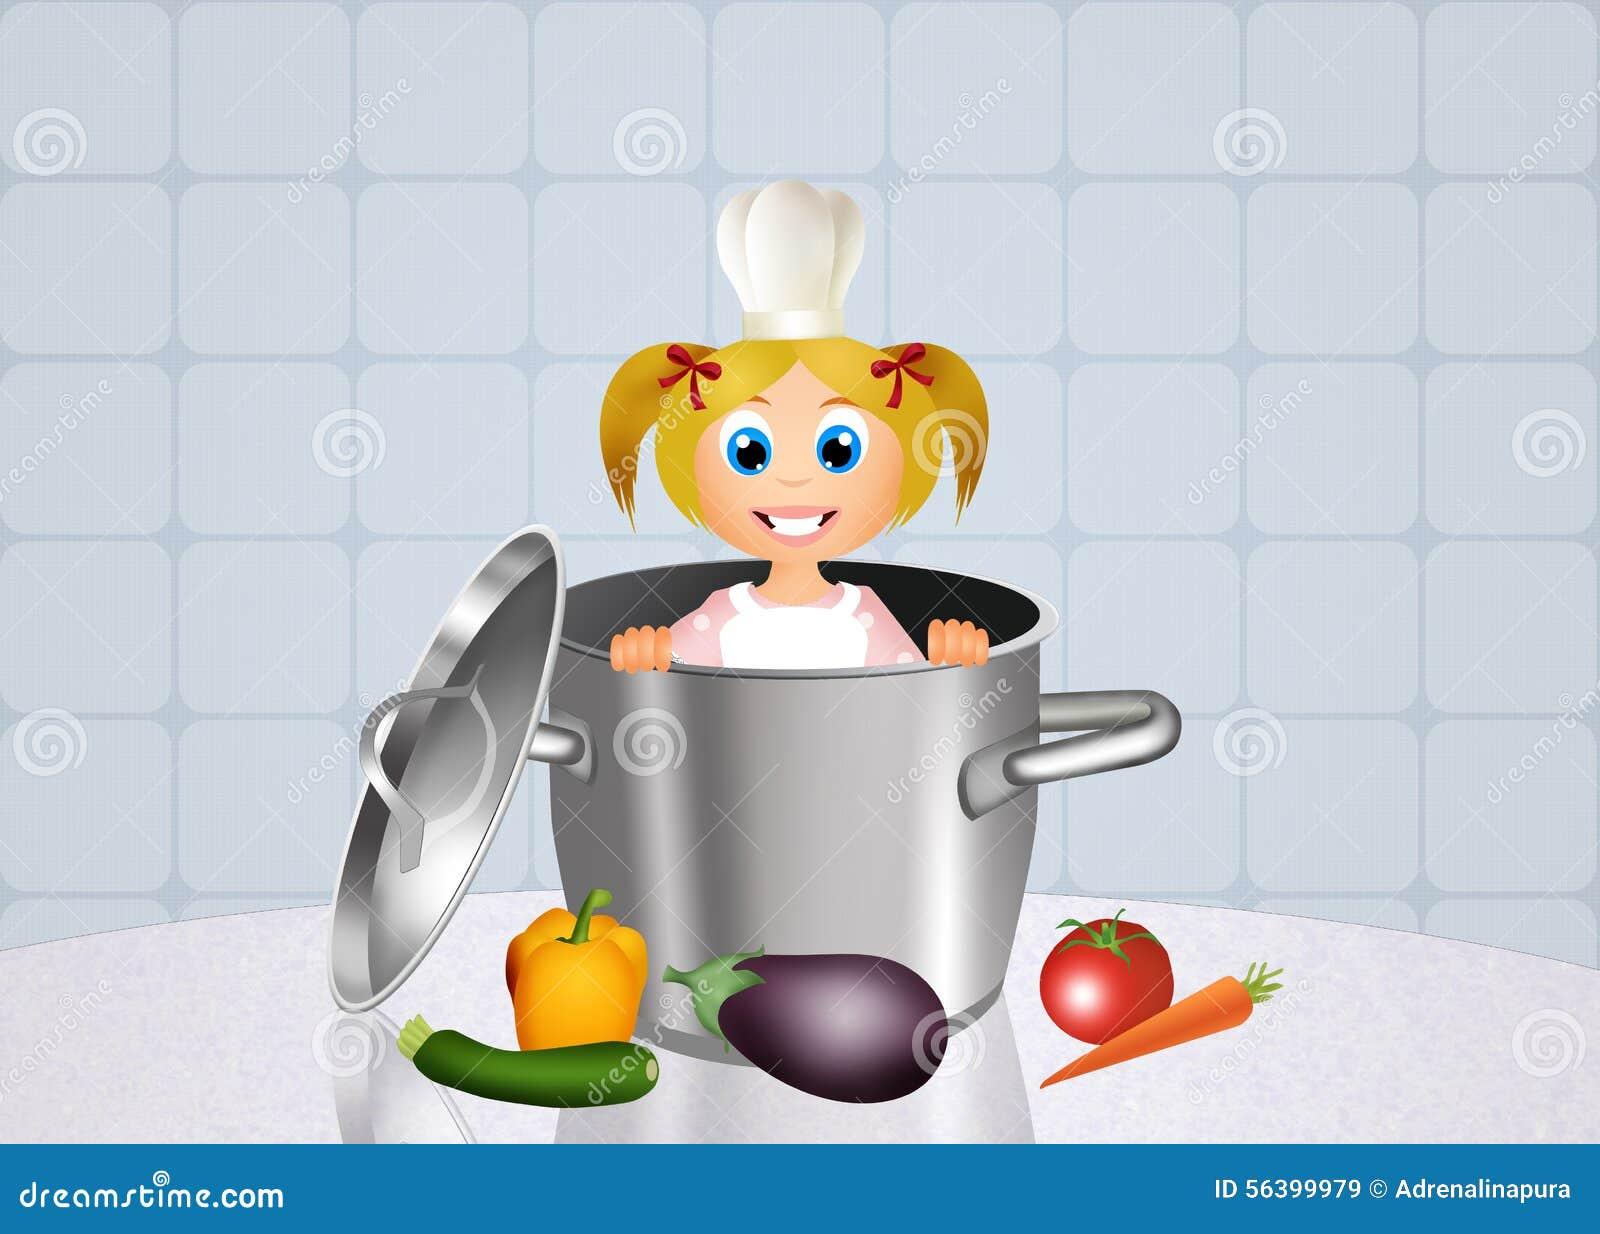 小女孩厨师的例证.图片